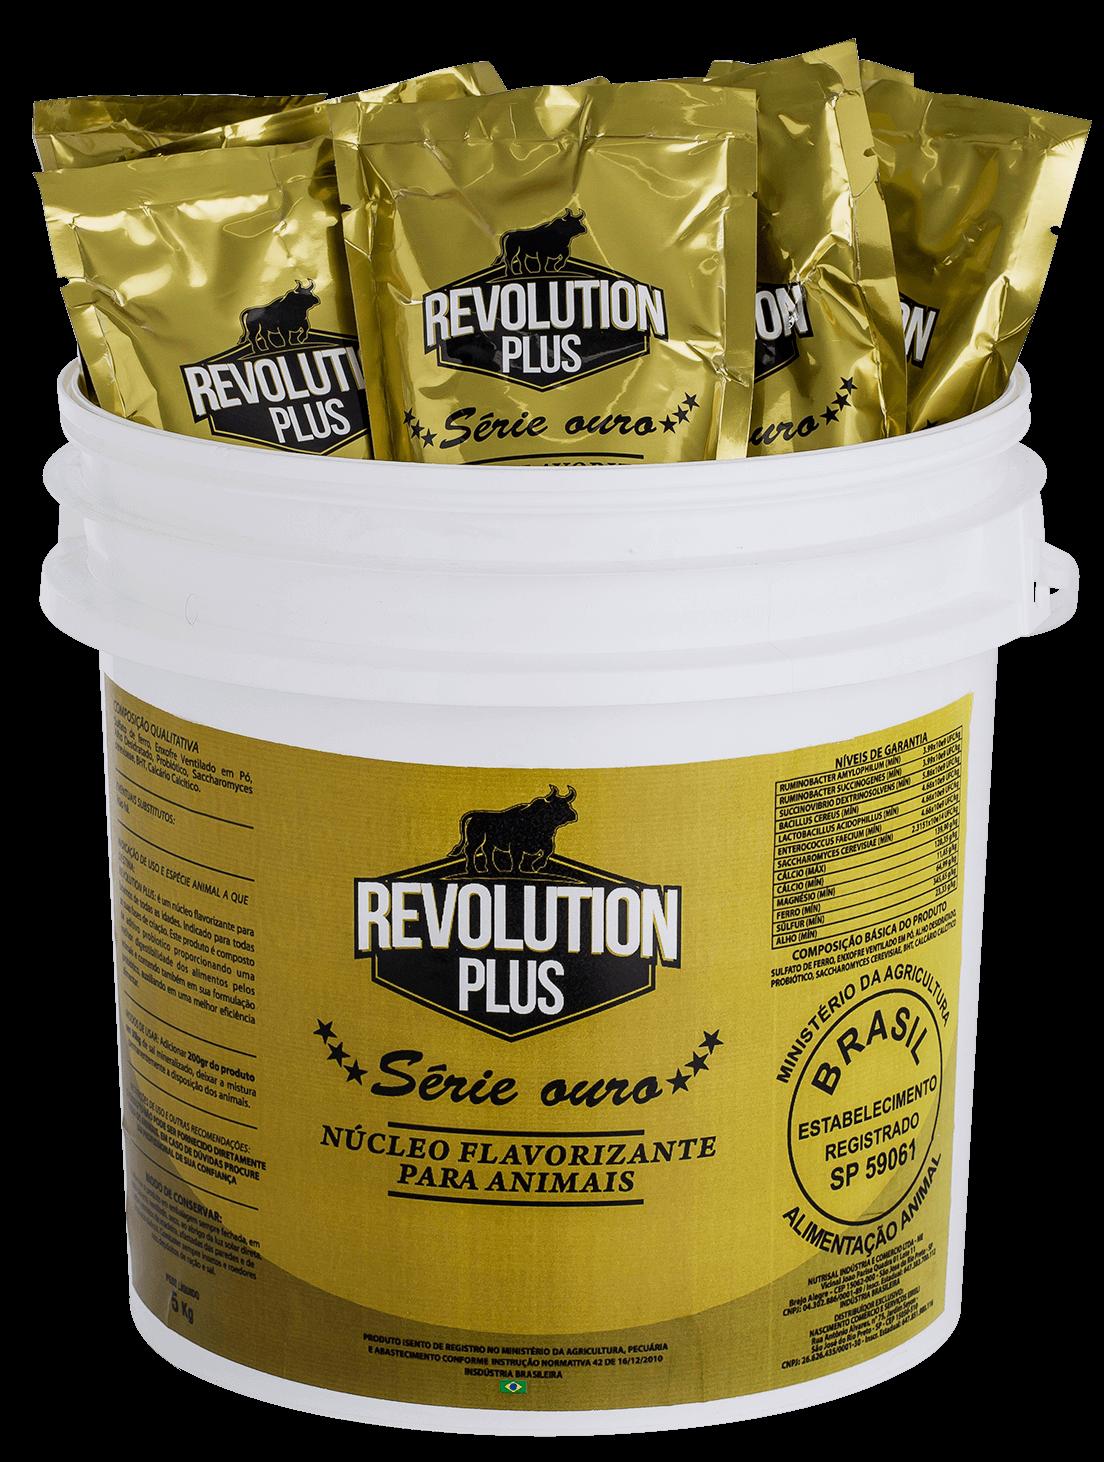 Produto Revolution Plus - Série Ouro